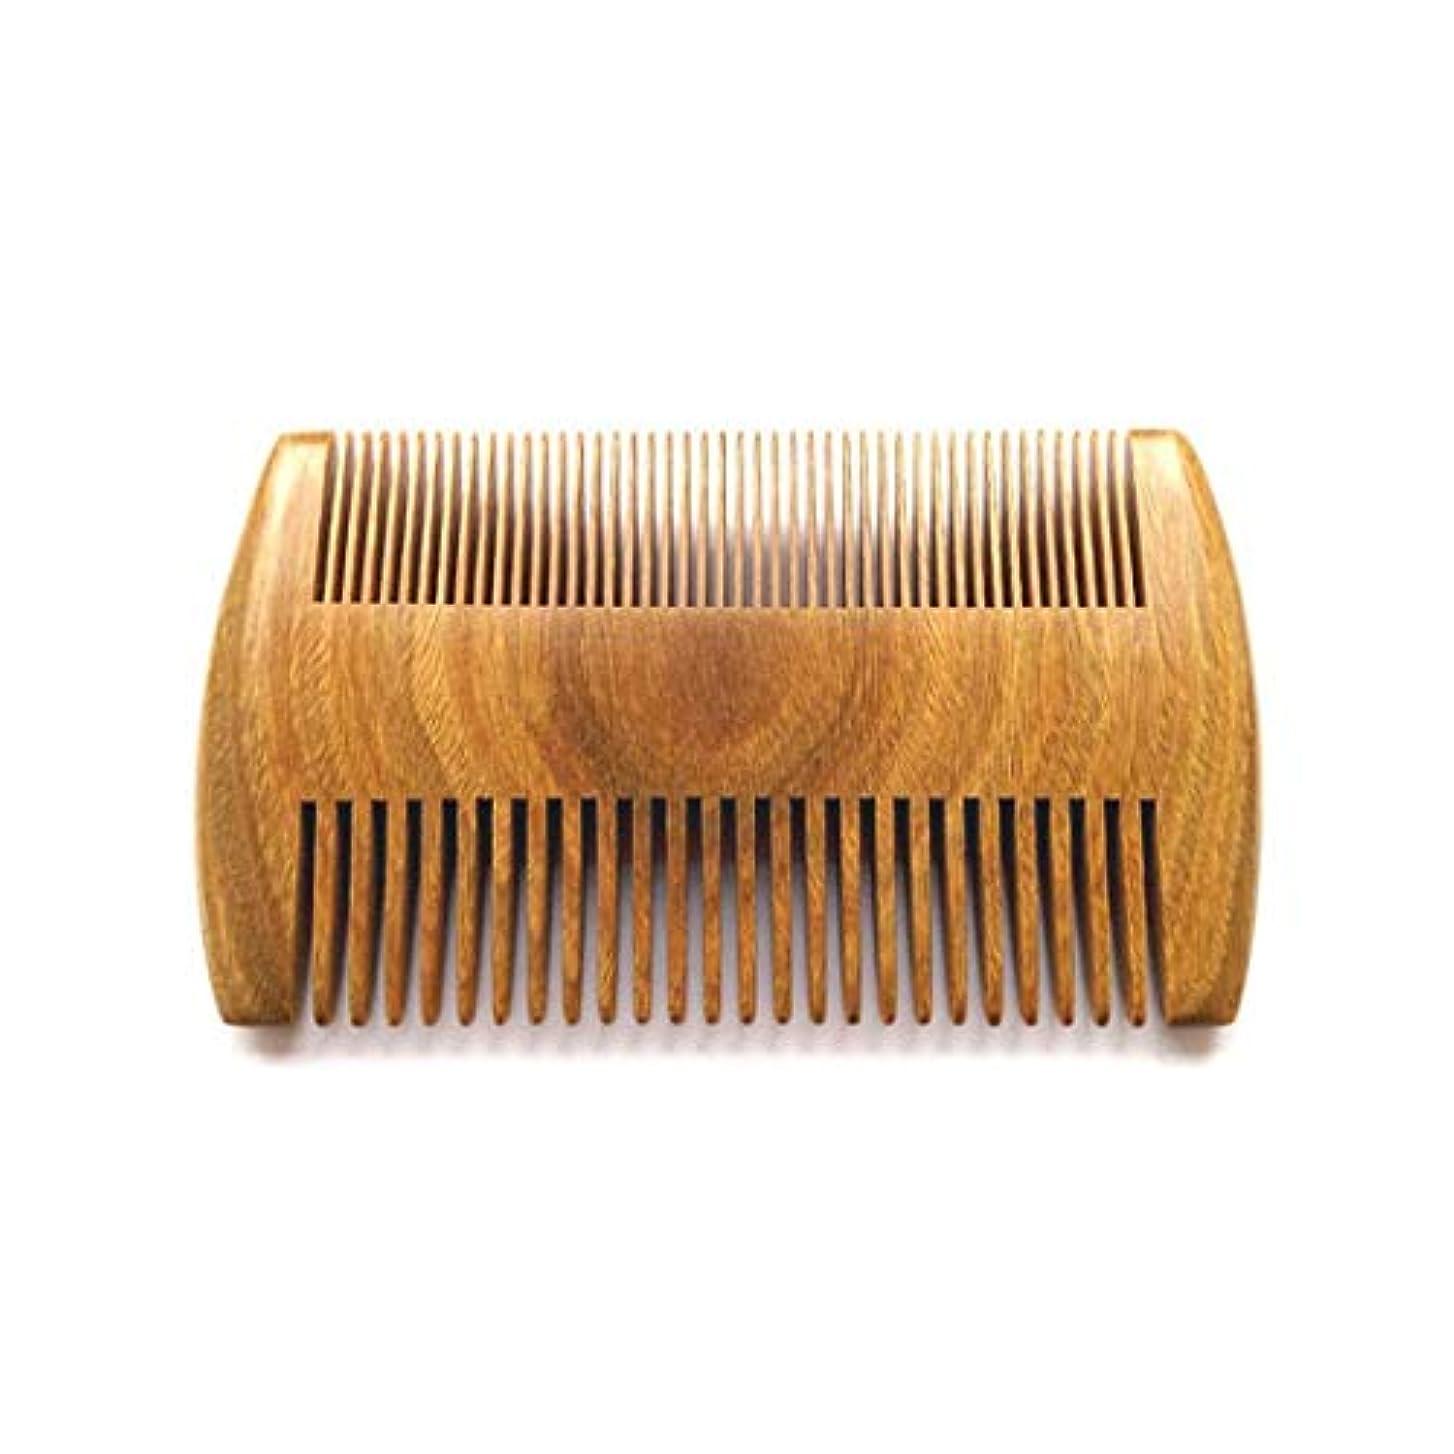 夜明けウィザードヨーグルトGuomao 健康な頭皮および毛のために非常に適したハンドメイドの自然な白檀の櫛 (色 : Wood color)